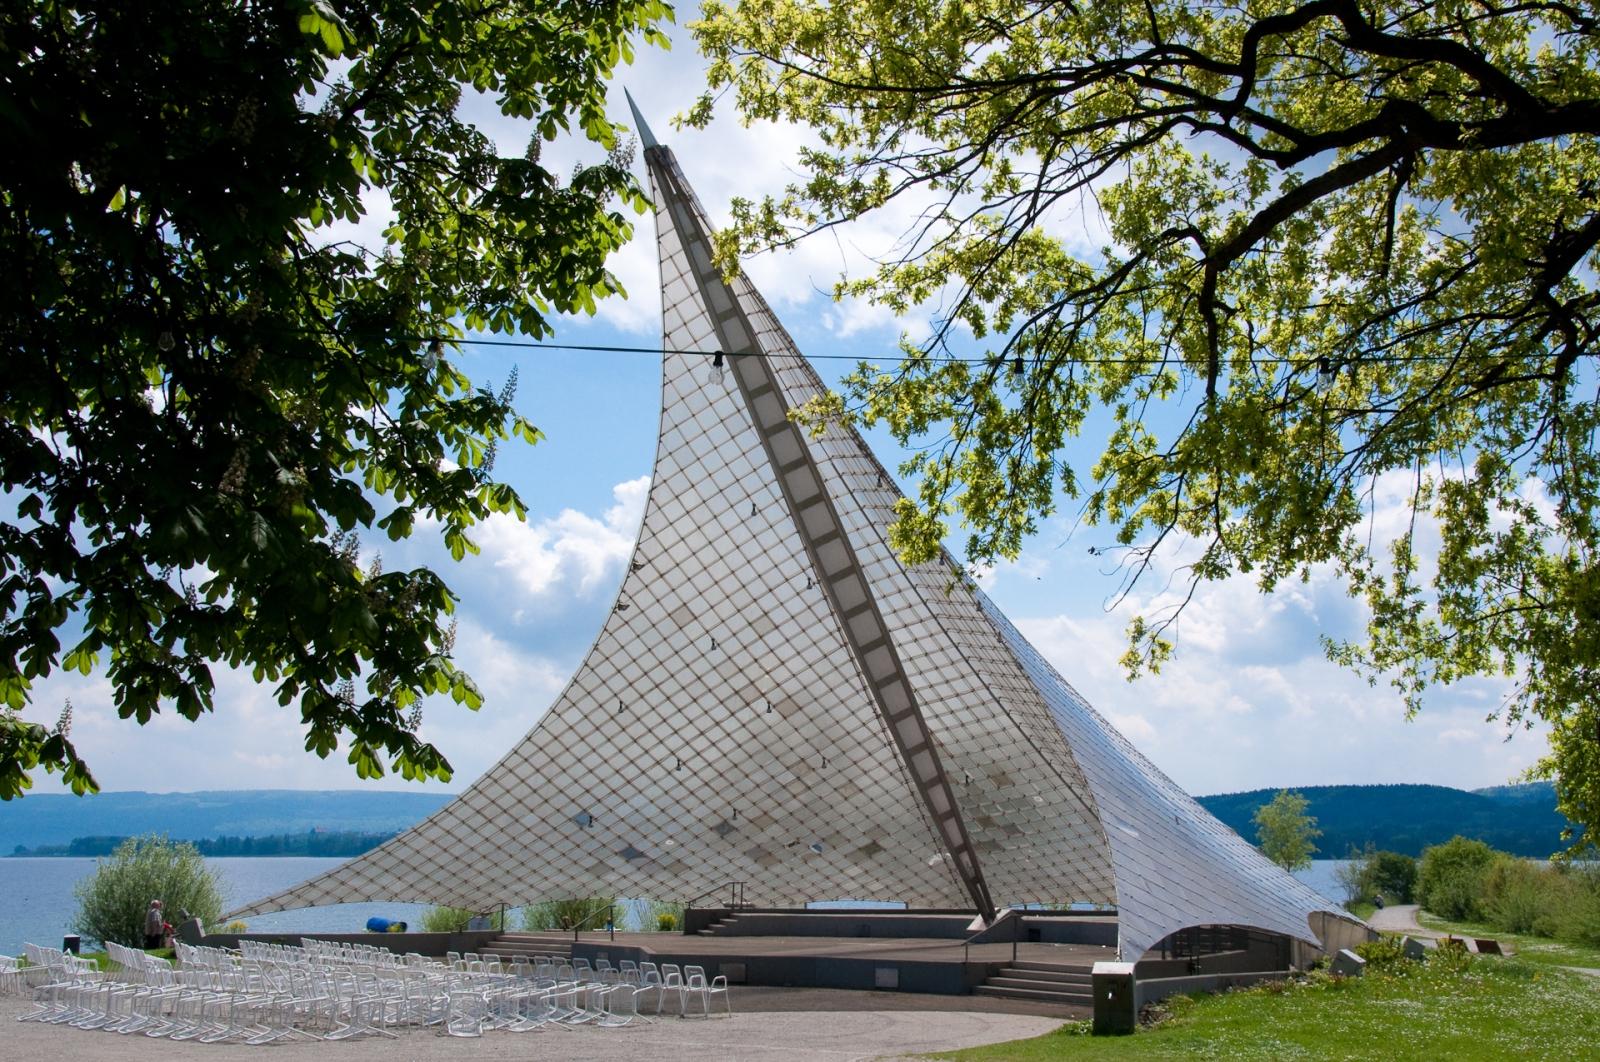 radolfzell sail stage segel scen bodensjön bodensee lake constance